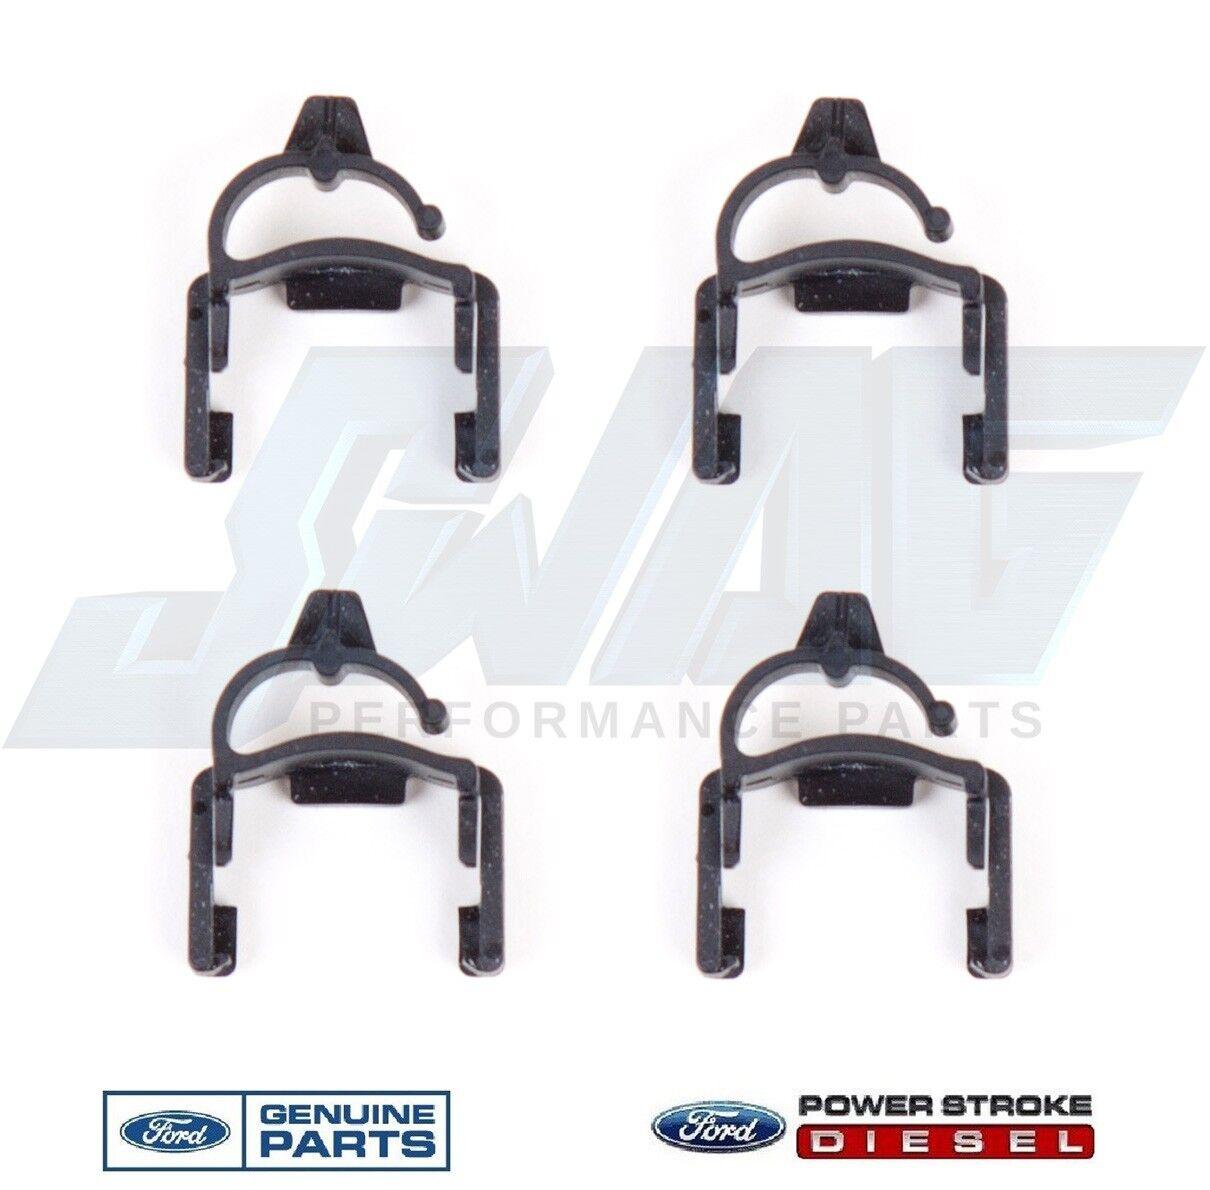 2003-2010 Ford 6.0L F250 F350 F450 F550 Powerstroke Diesel Rocker Clip W302193